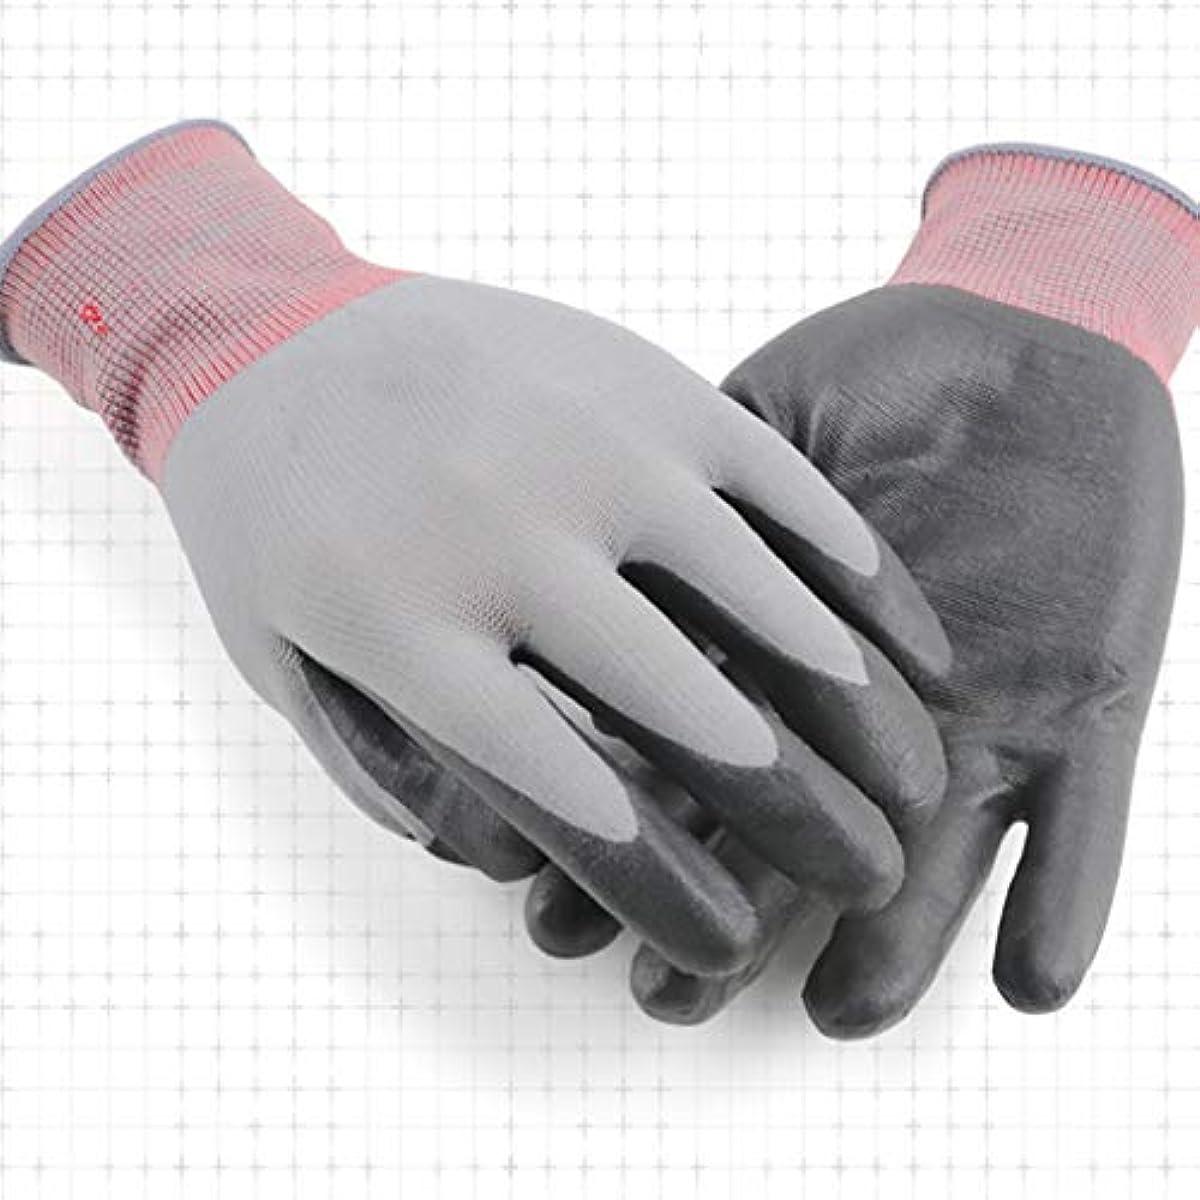 地平線エコー苦悩LIUXIN 労働保護手袋、突き刺さり防止の園芸用手袋、防水および抗強度、耐摩耗性および通気性、植付用保護手袋、マルチサイズオプション ゴム手袋 (Size : L)